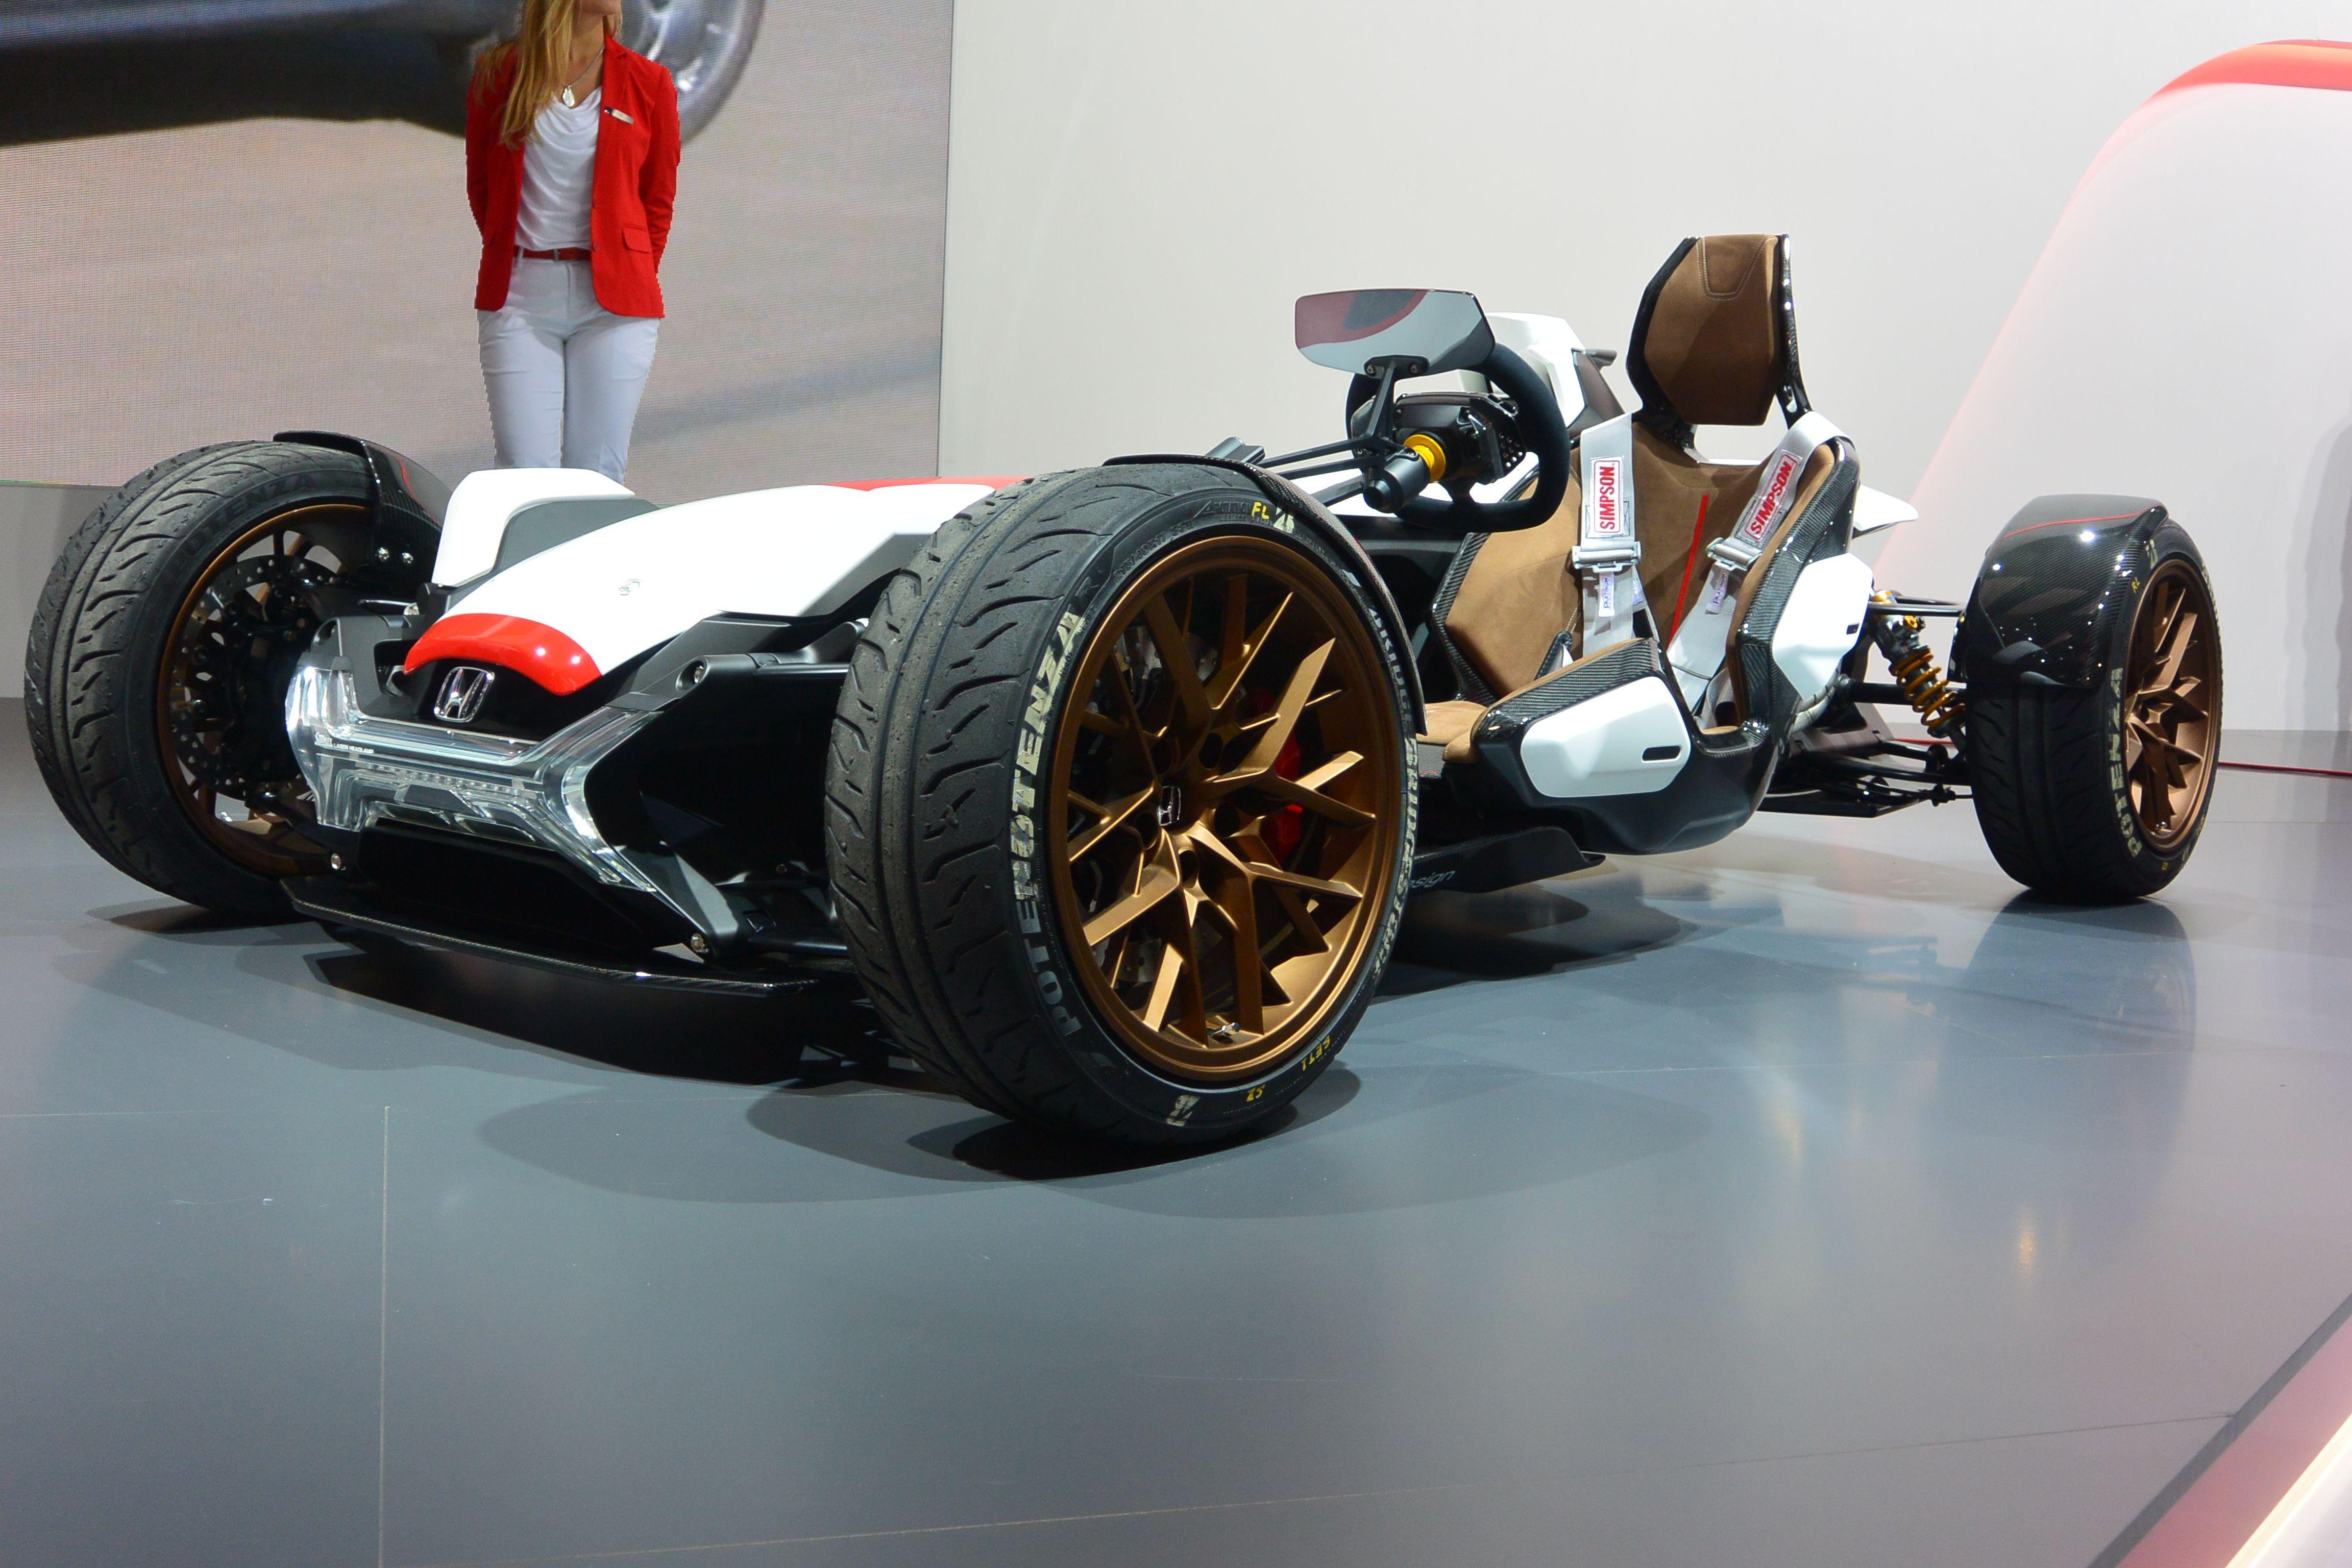 Honda Project 2&4 concept is half a car, half a bike. It debuted at IAA Frankfurt 2015.